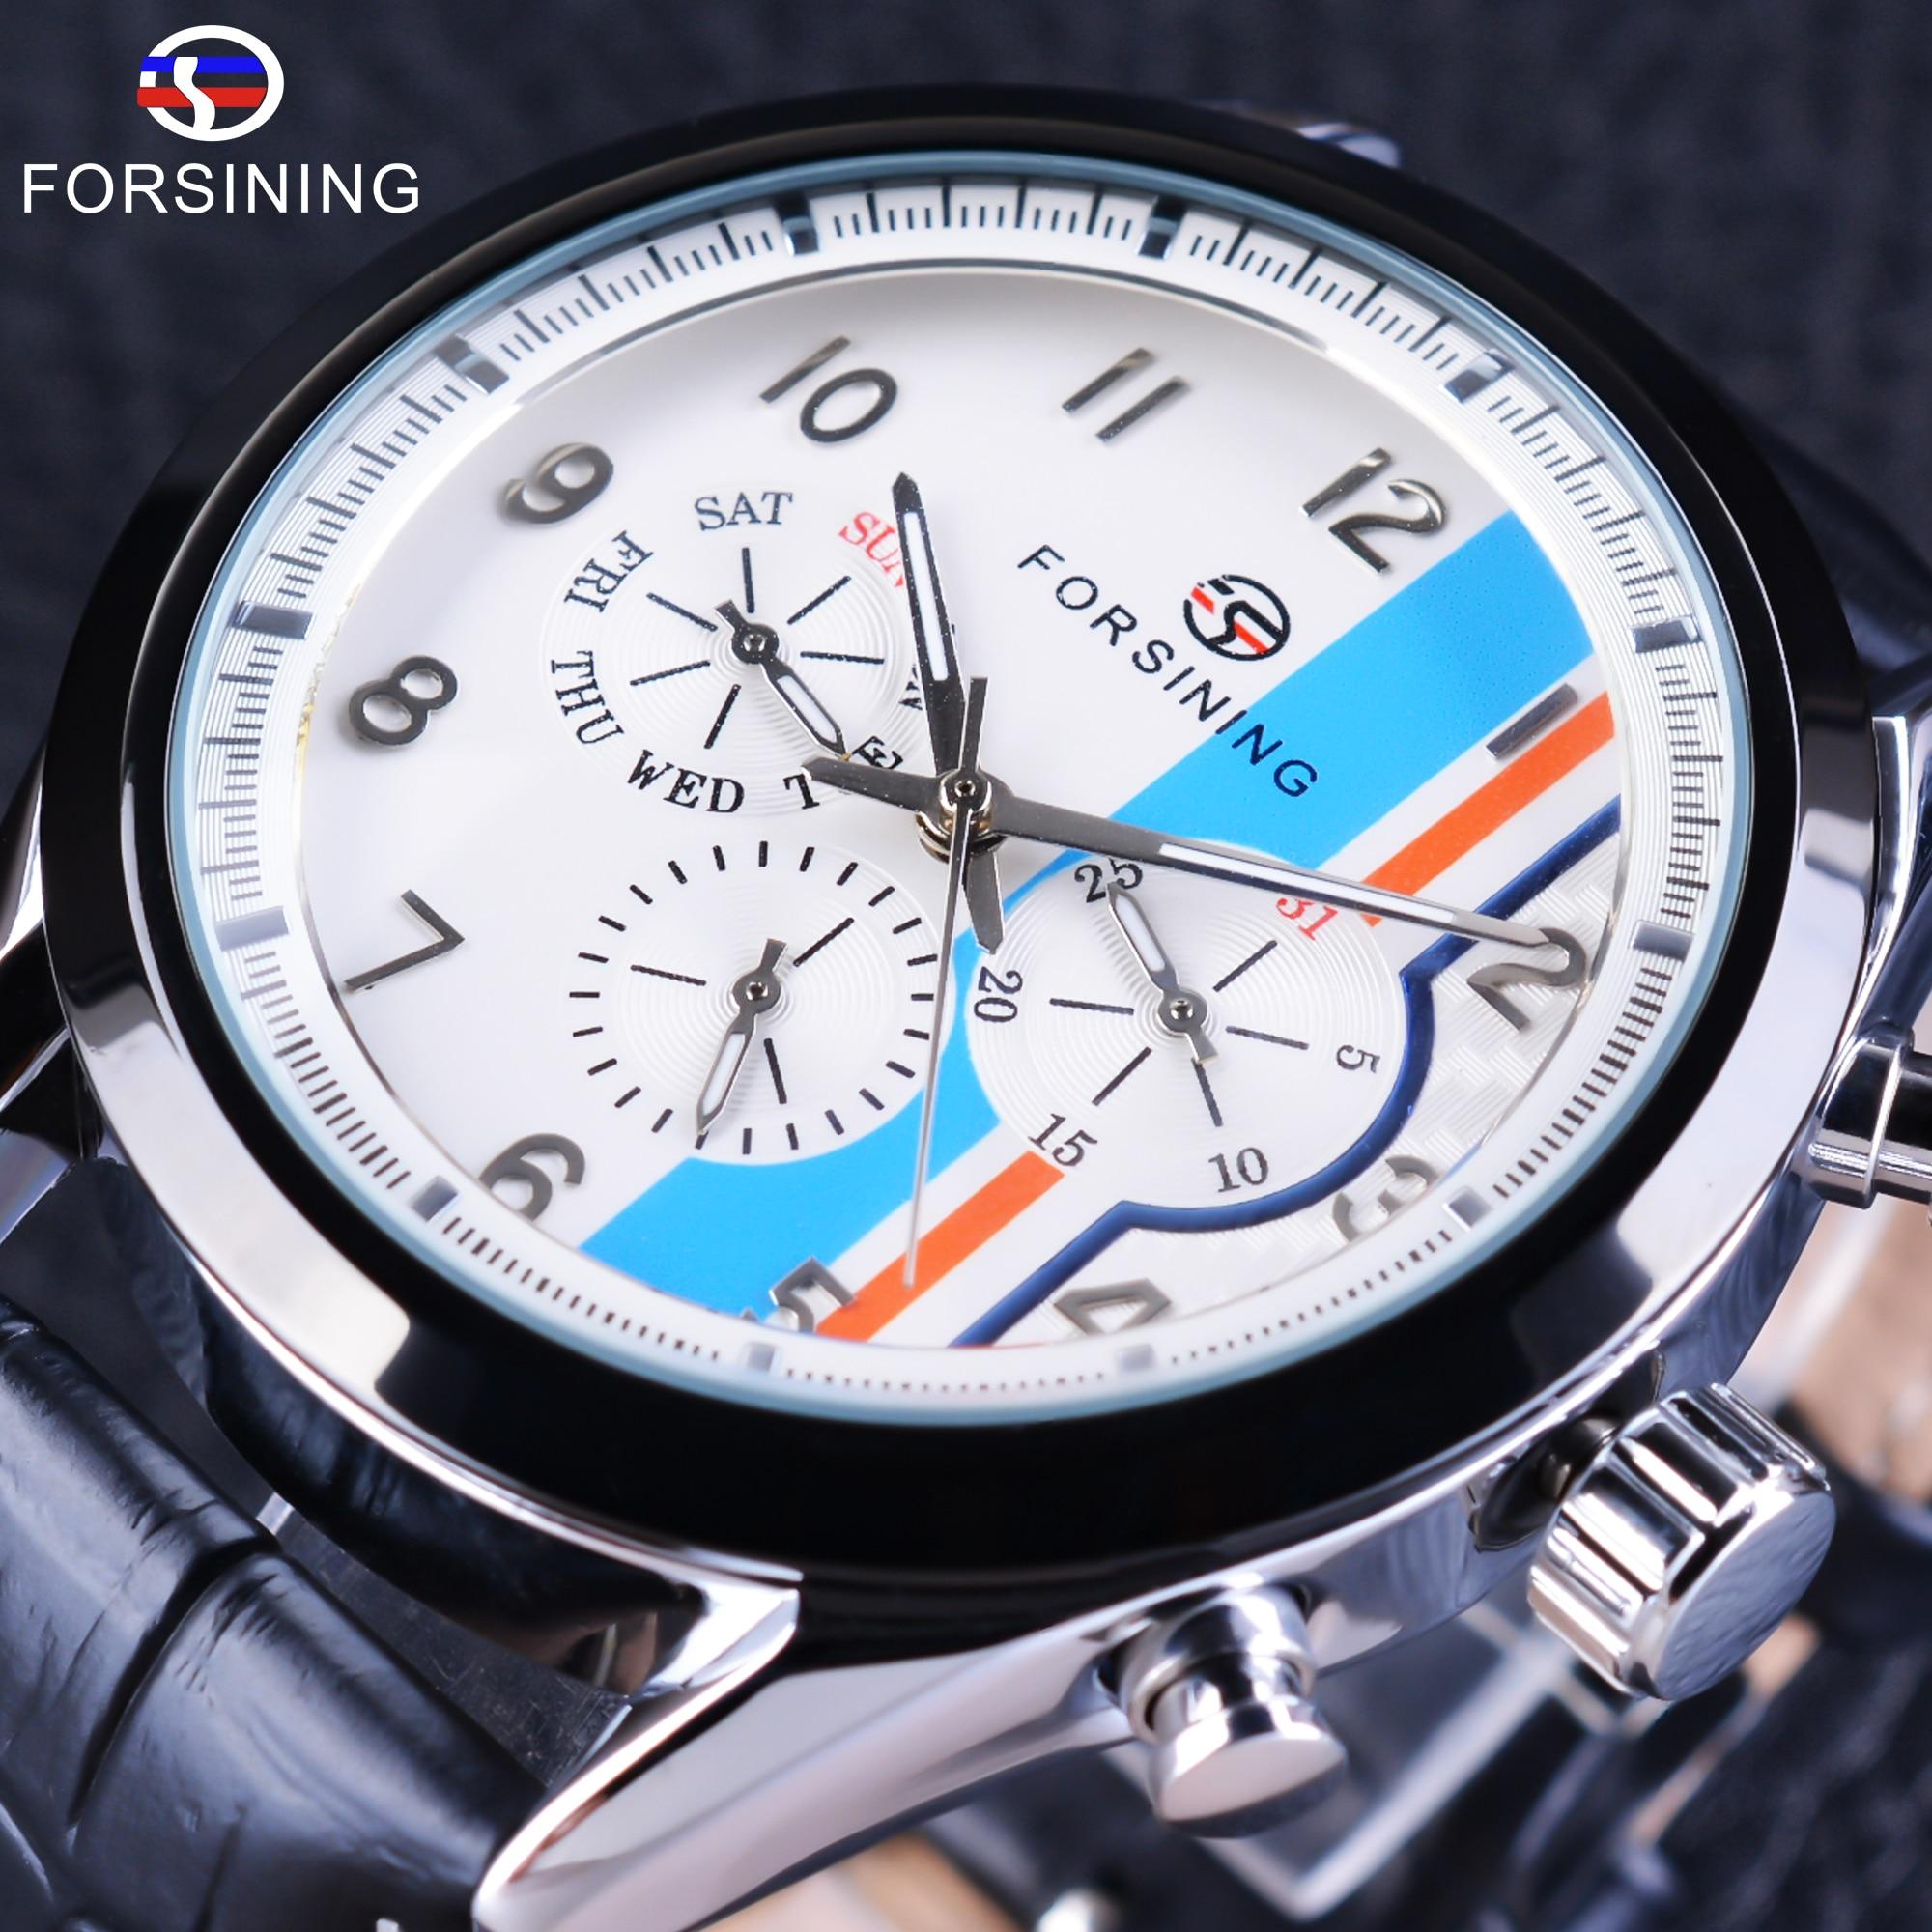 Мужские часы Forsining, модные автоматические часы с тремя циферблатами и синим дисплеем из натуральной кожи